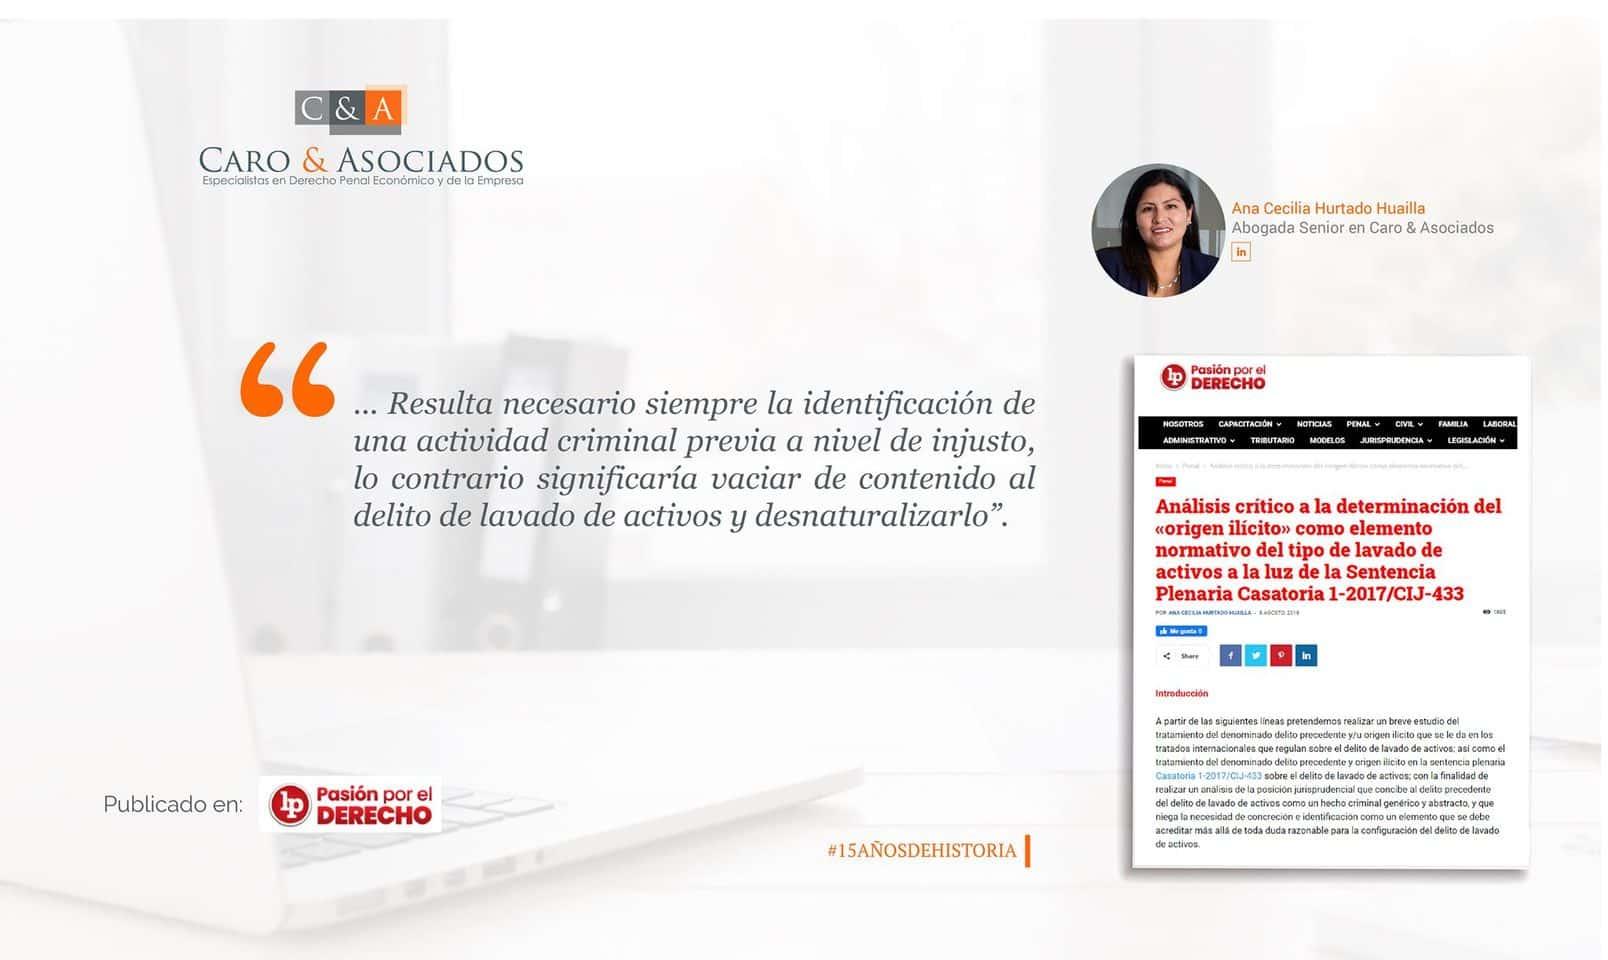 Artículo De Ana Hurtado Huailla, Publicado En LP – Pasión Por El Derecho.